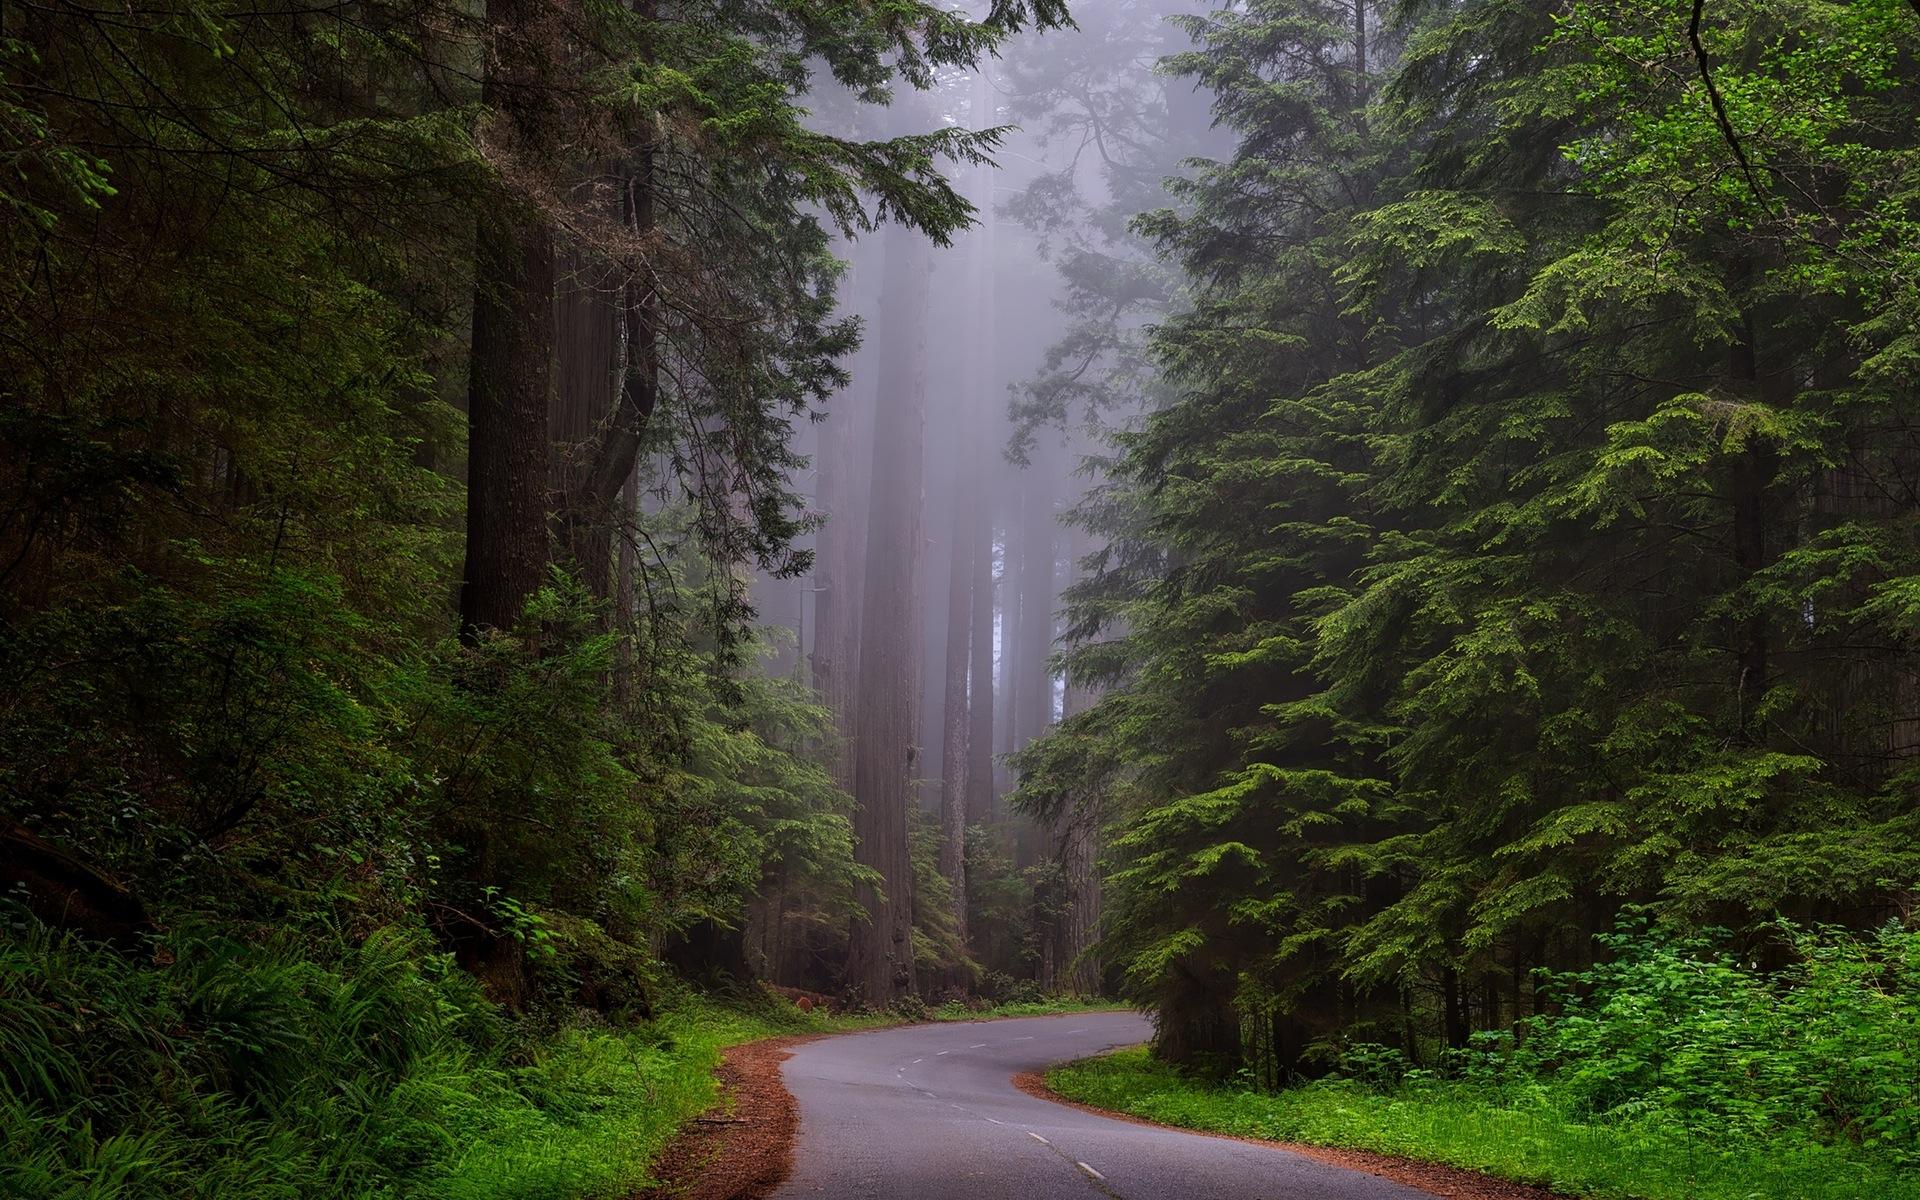 redwood national park wallpaper background